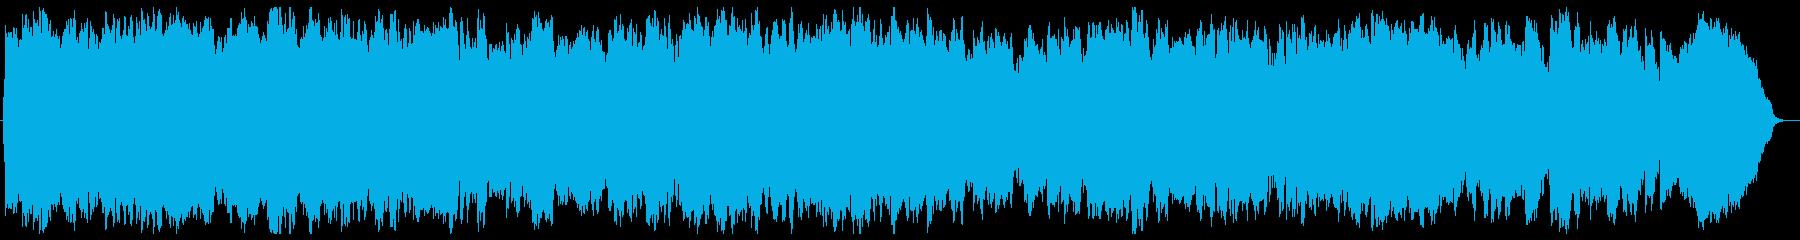 さやかに星はきらめき オルゴール&Strの再生済みの波形